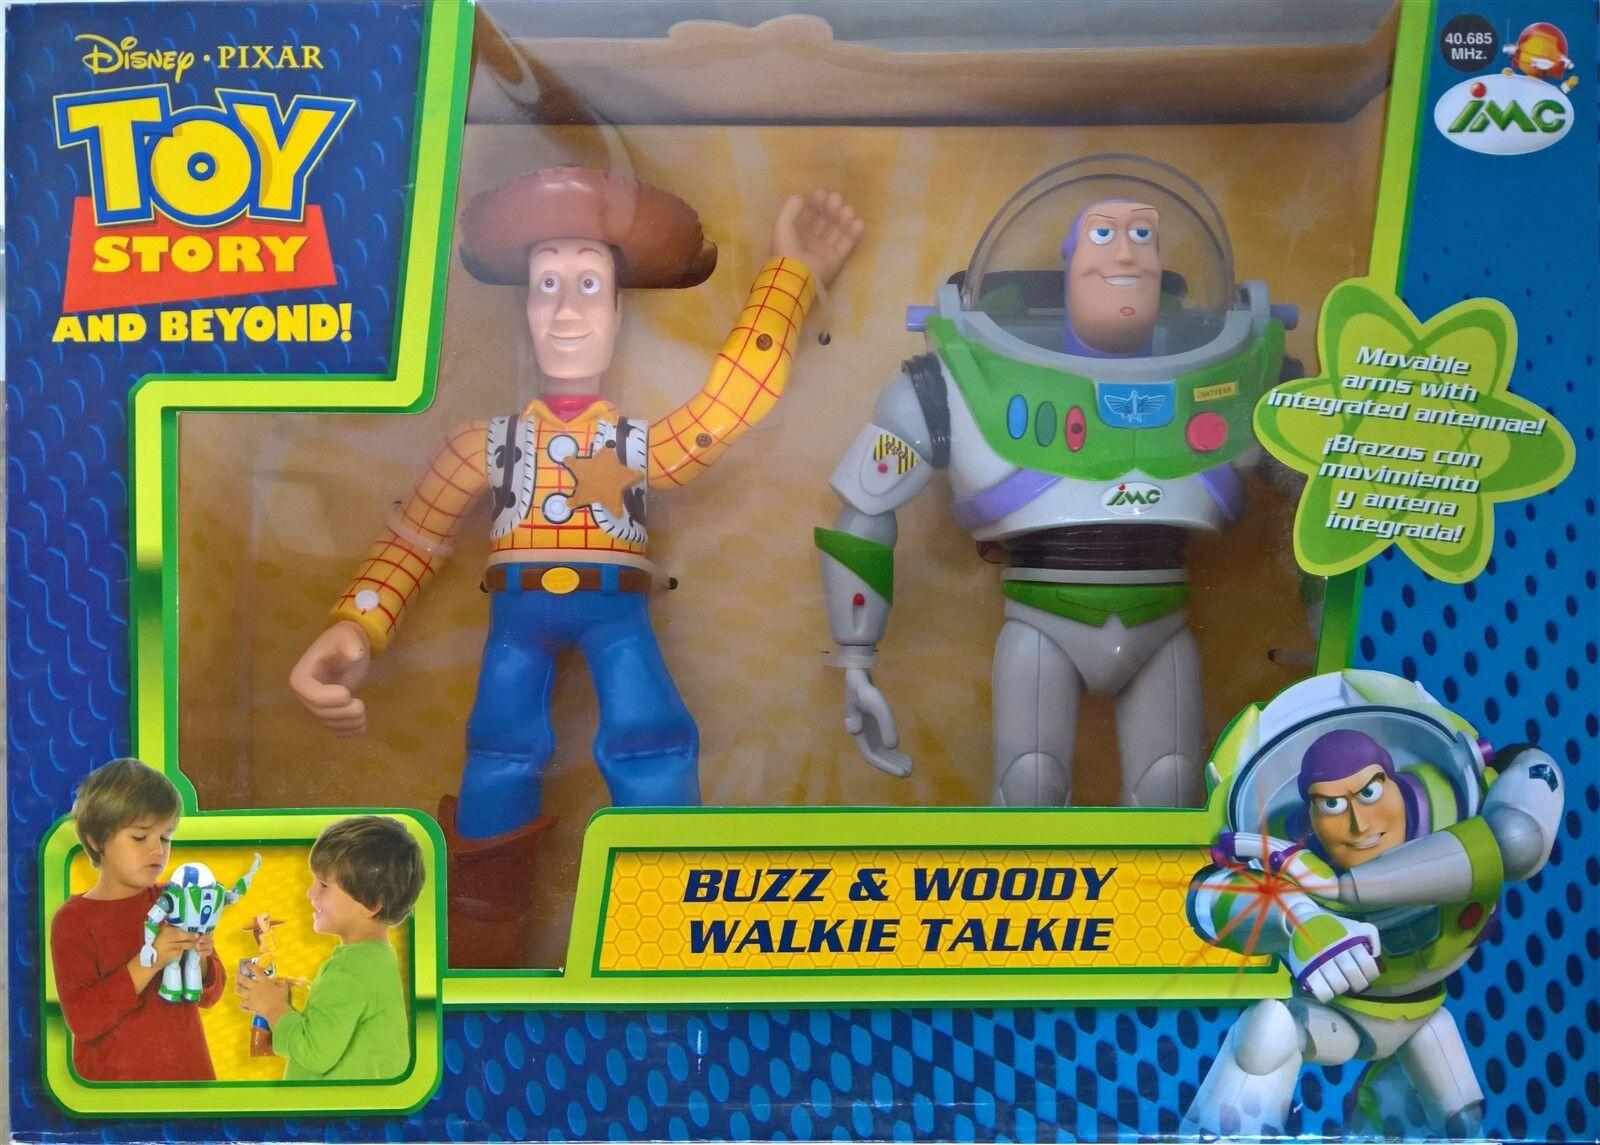 toy story - buzz & woody walkie - talkie zahlen 25 cm